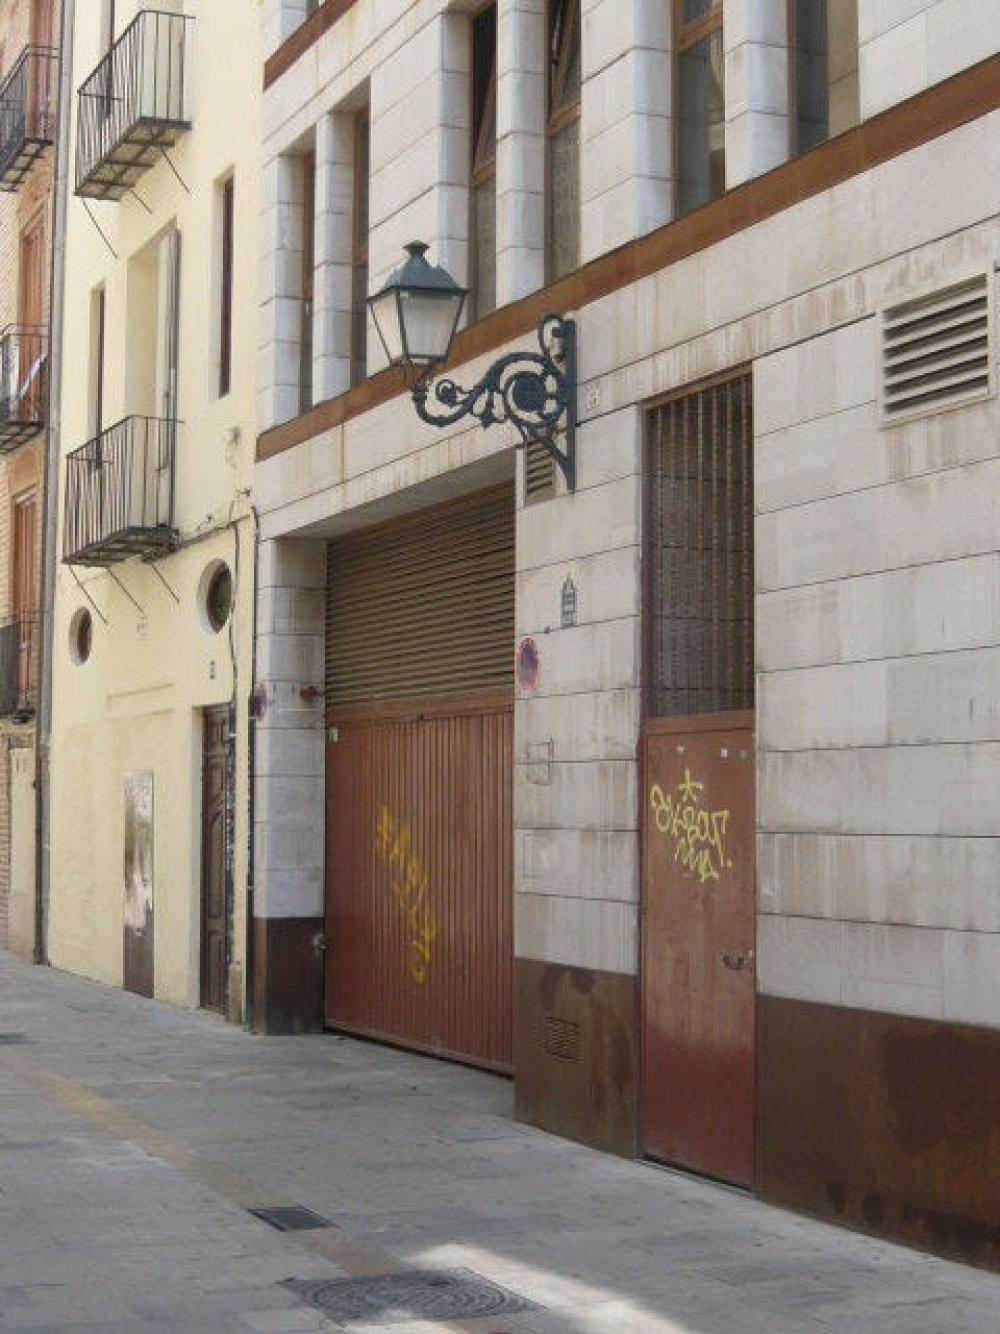 ciutat vella el pilar valencia  aparcamiento foto 3261790